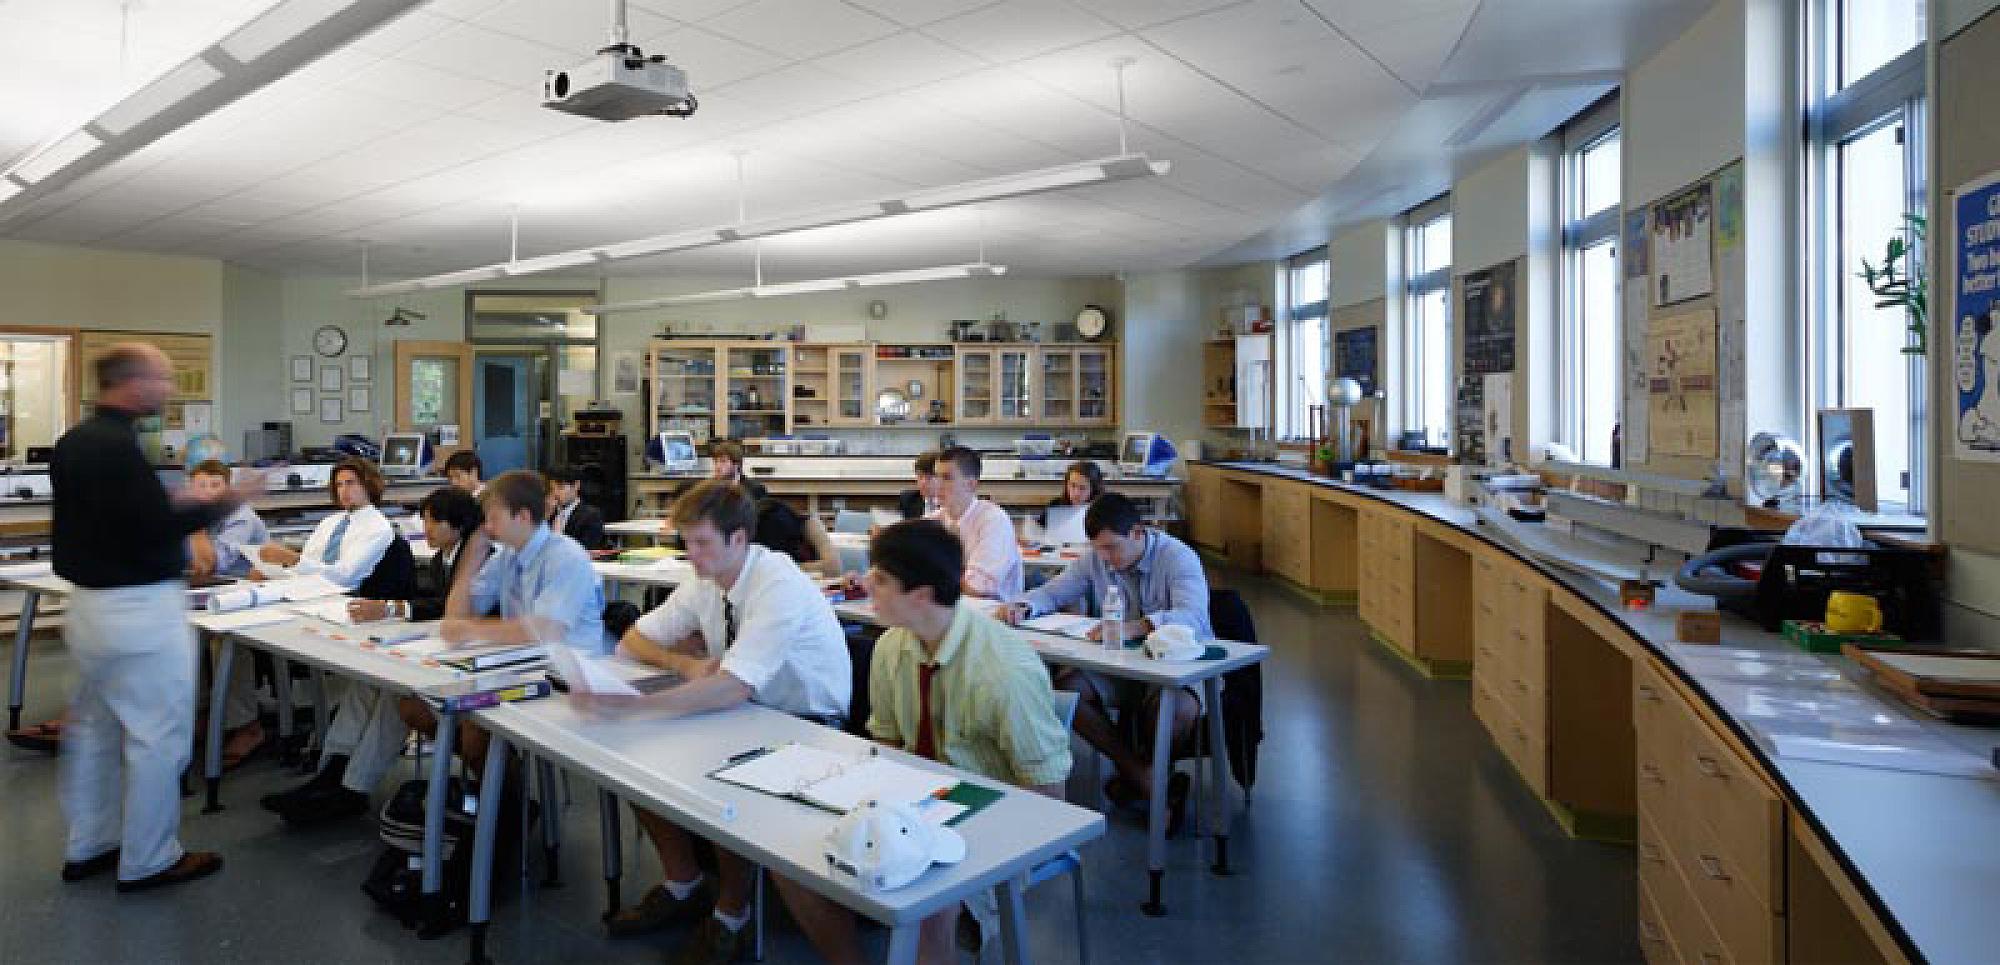 Brooks Classroom.jpg